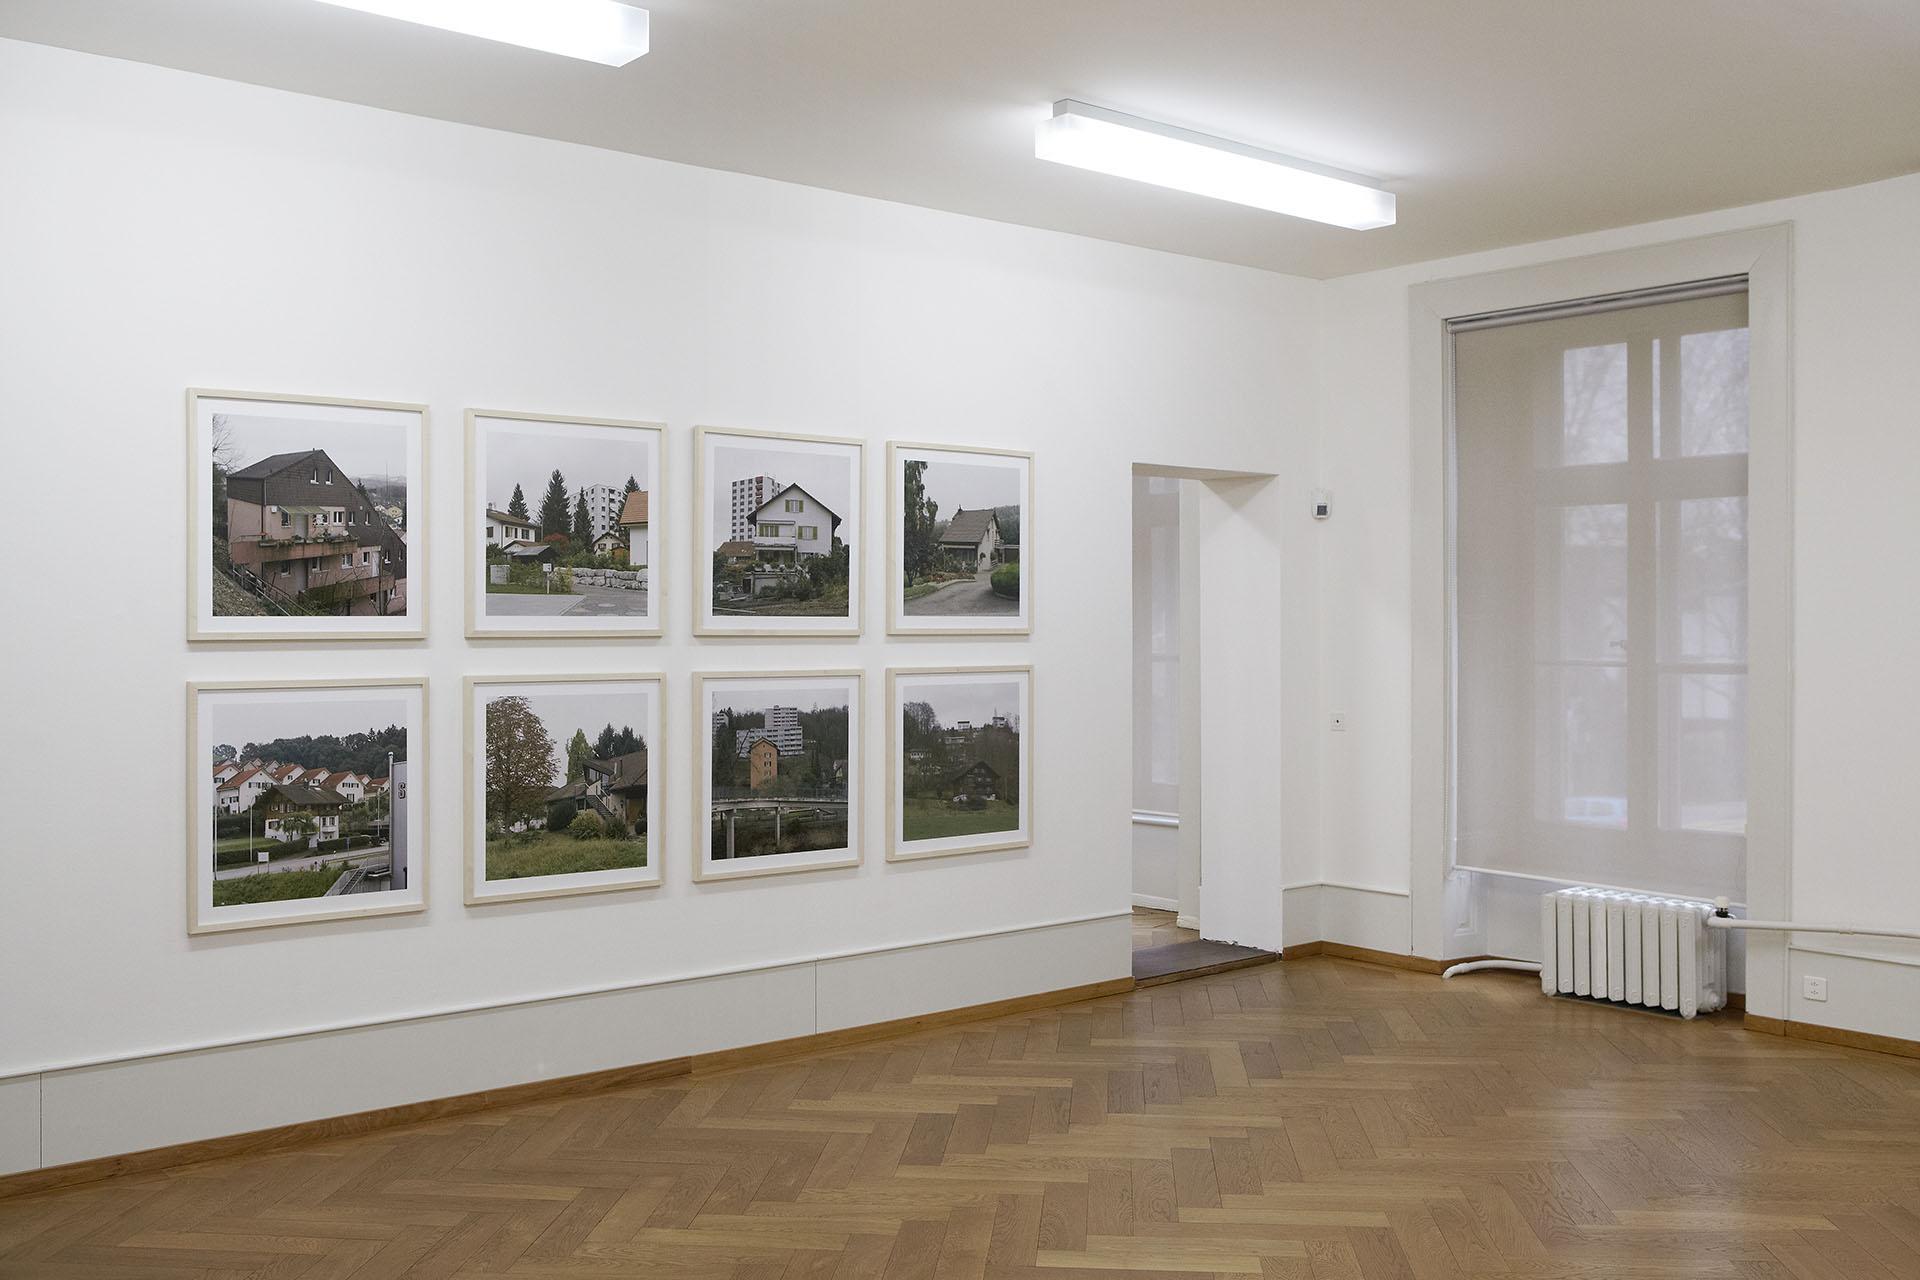 Fotoserie Mittelland | Photoforum Pasquart, Biel | 2013